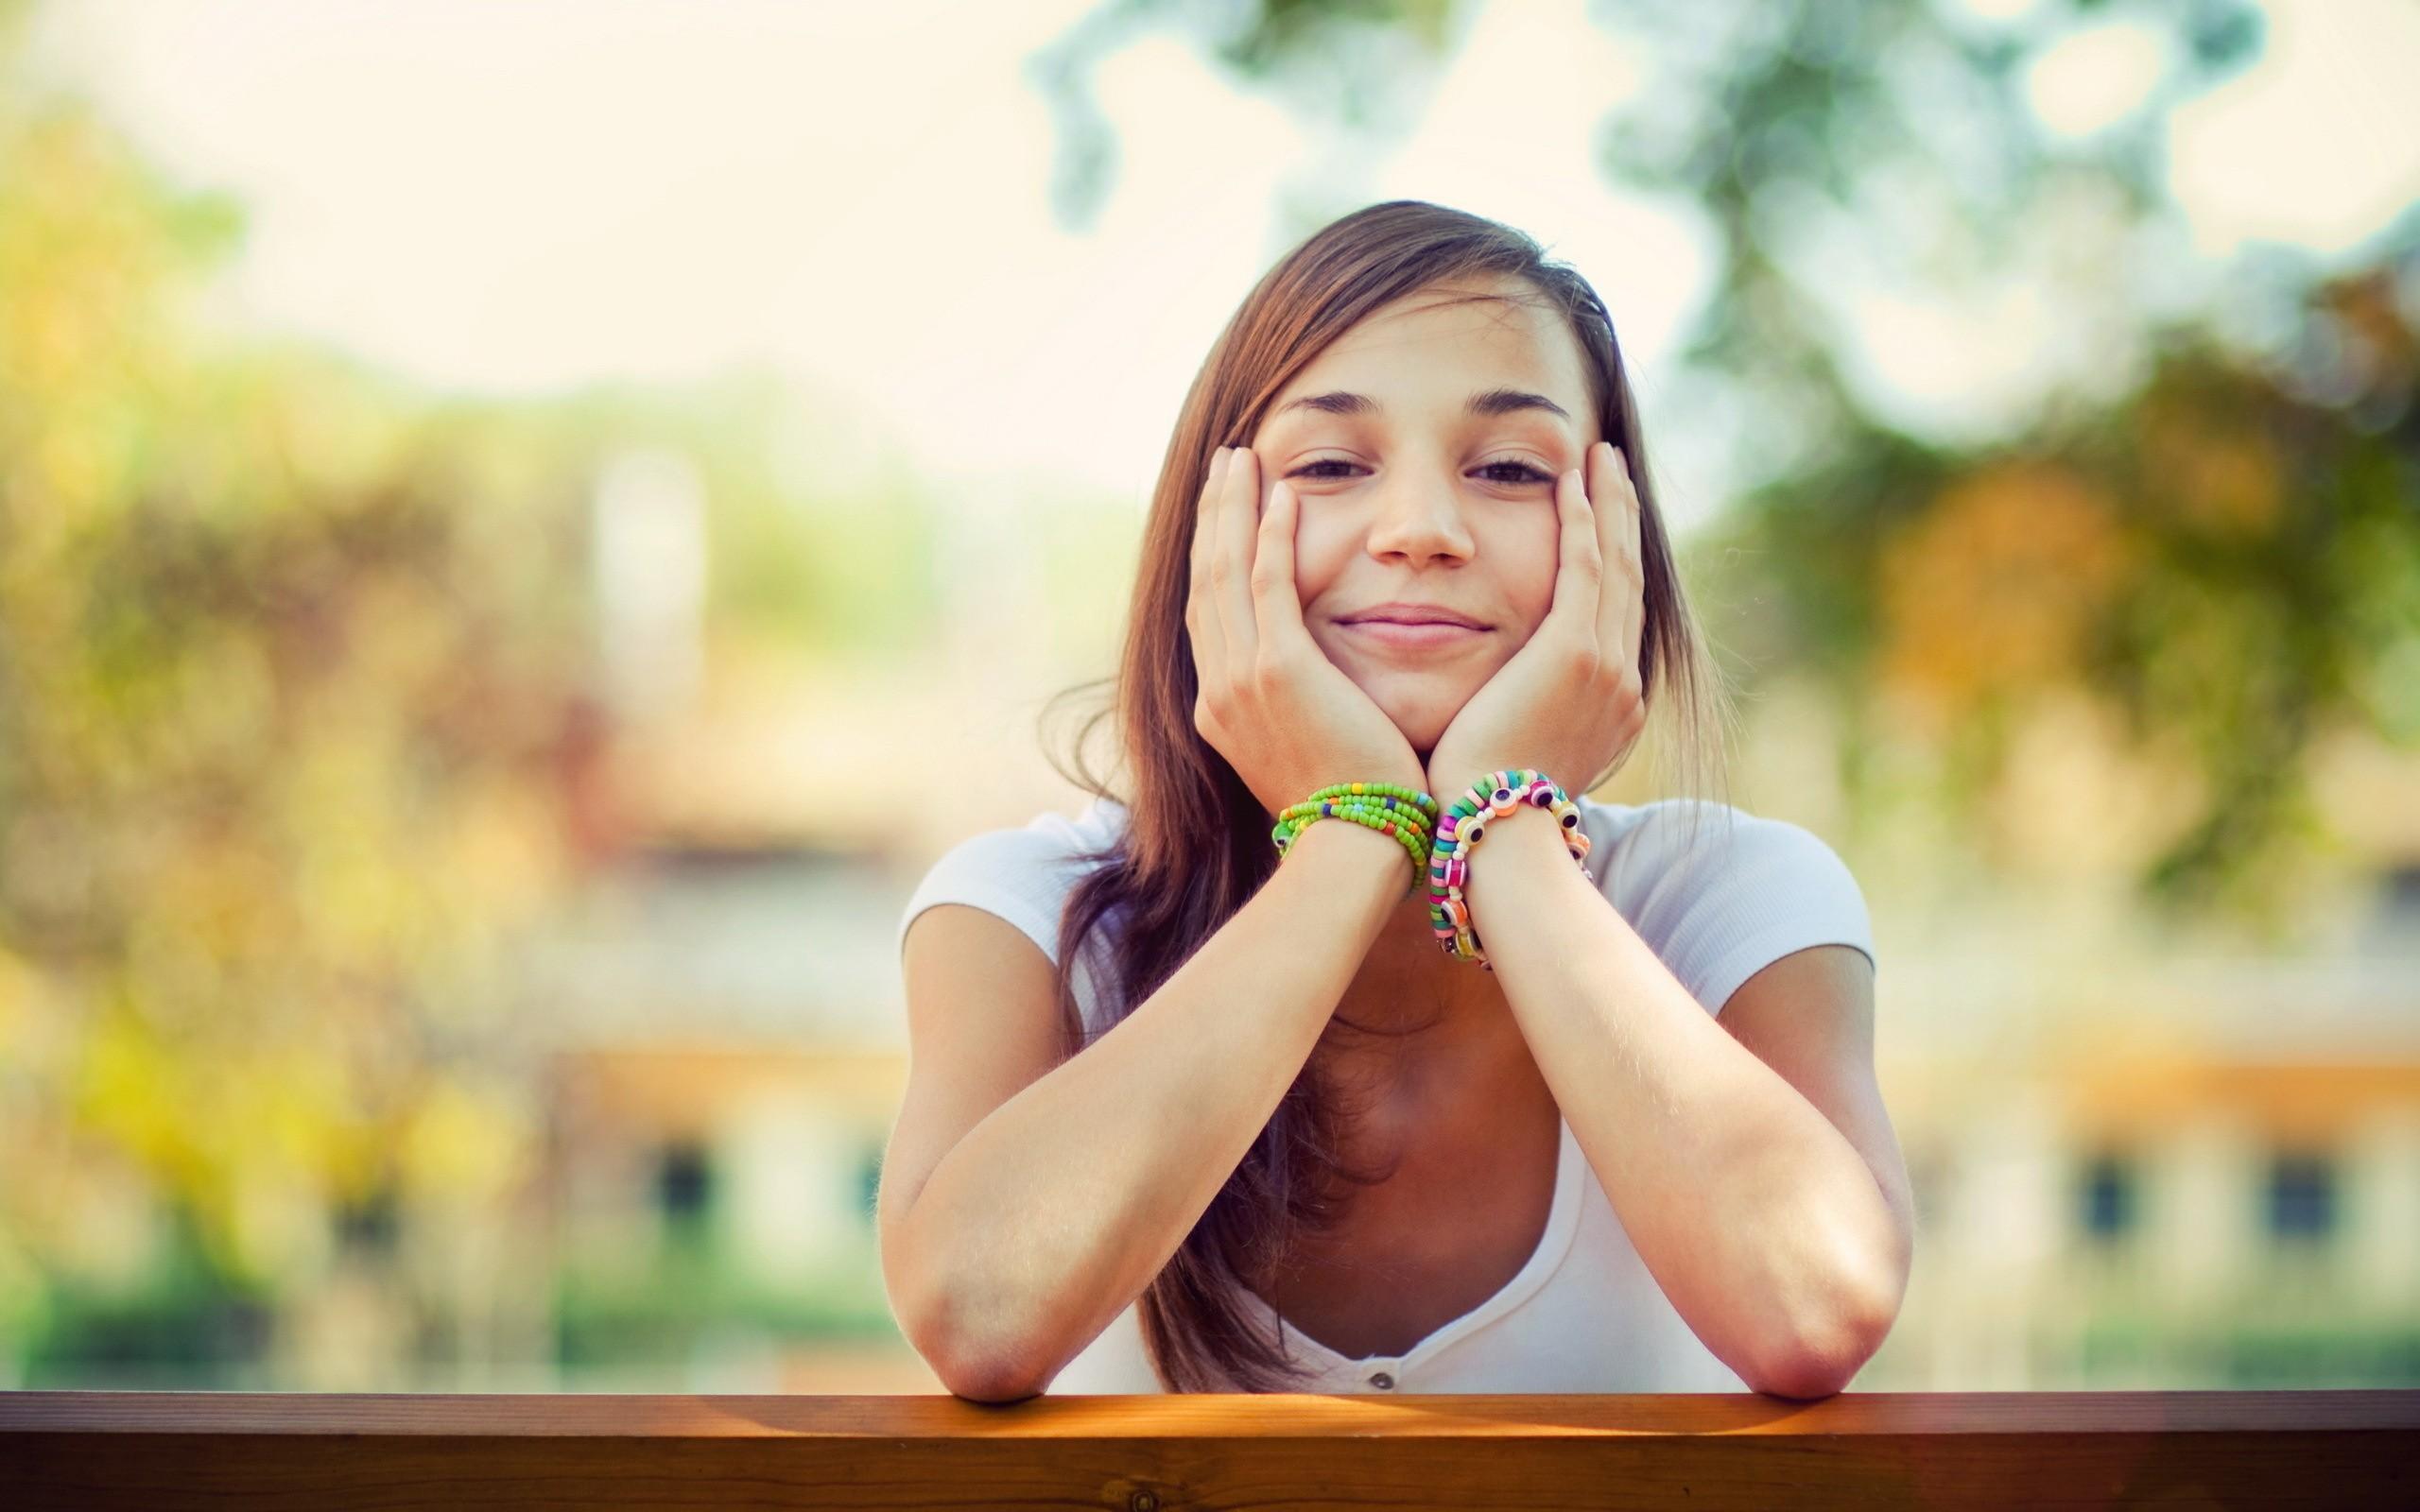 Una chica sonriente - 2560x1600